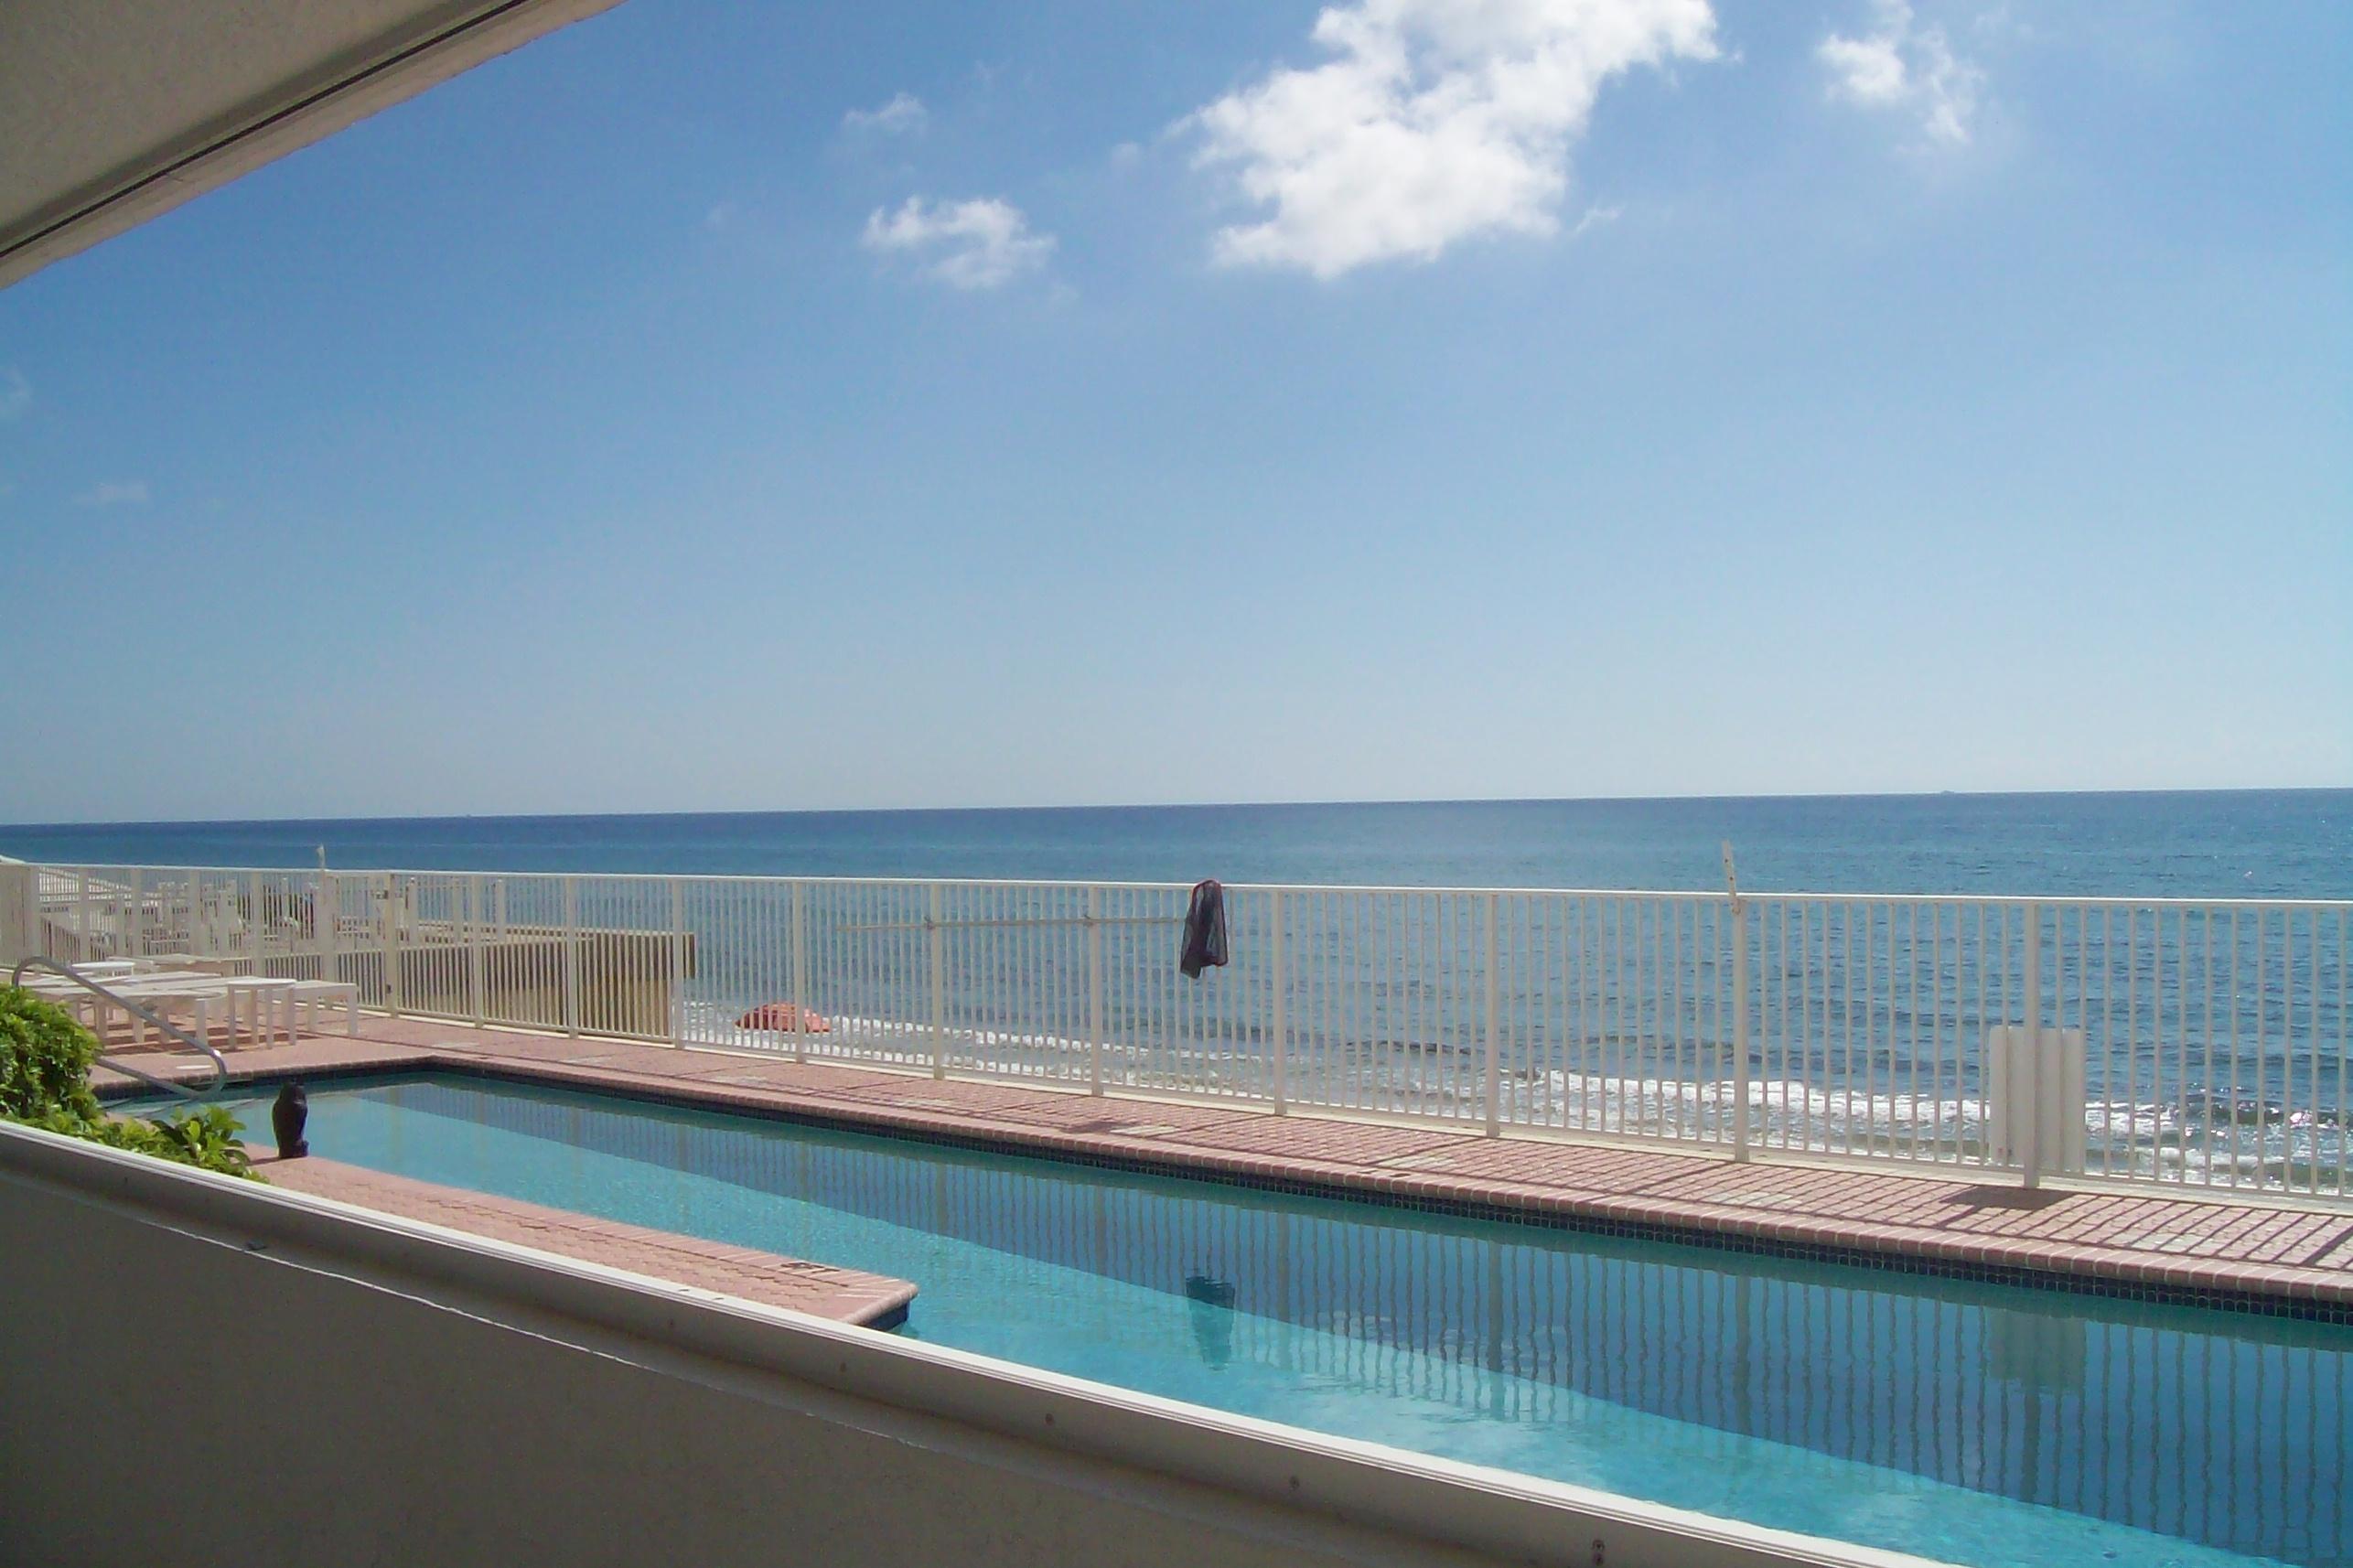 3600 SOUTH OCEAN PALM BEACH